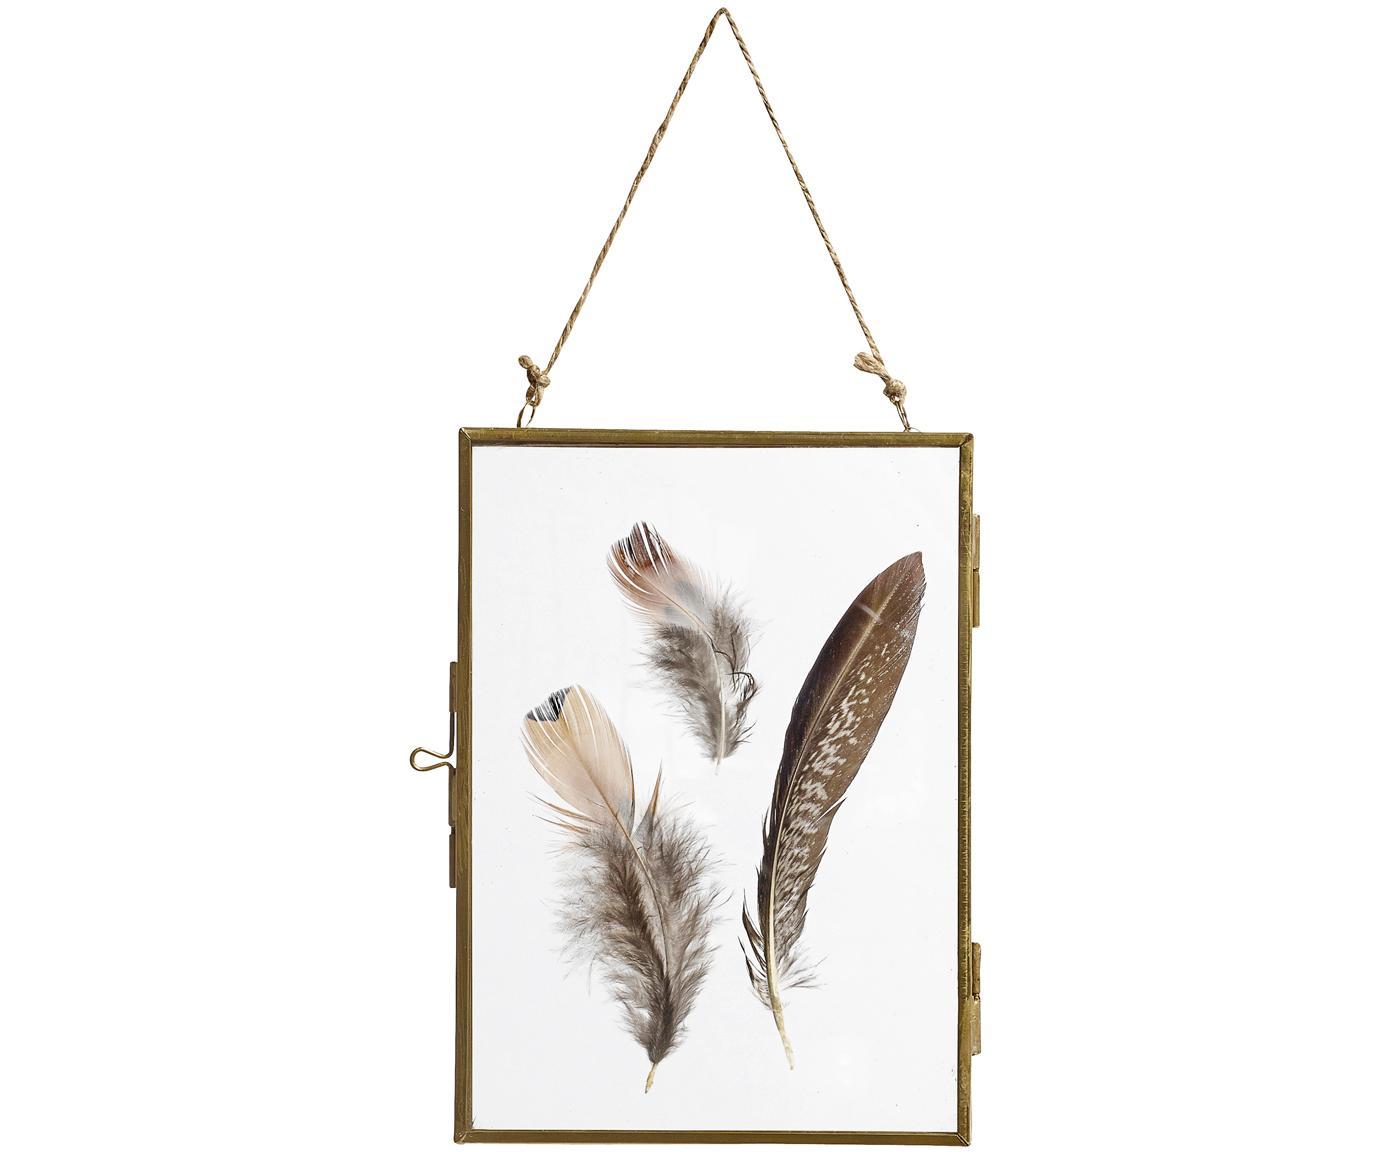 Fotolijstje Pioros, Lijst: gecoat metaal, Messingkleurig, transparant, 13 x 18 cm